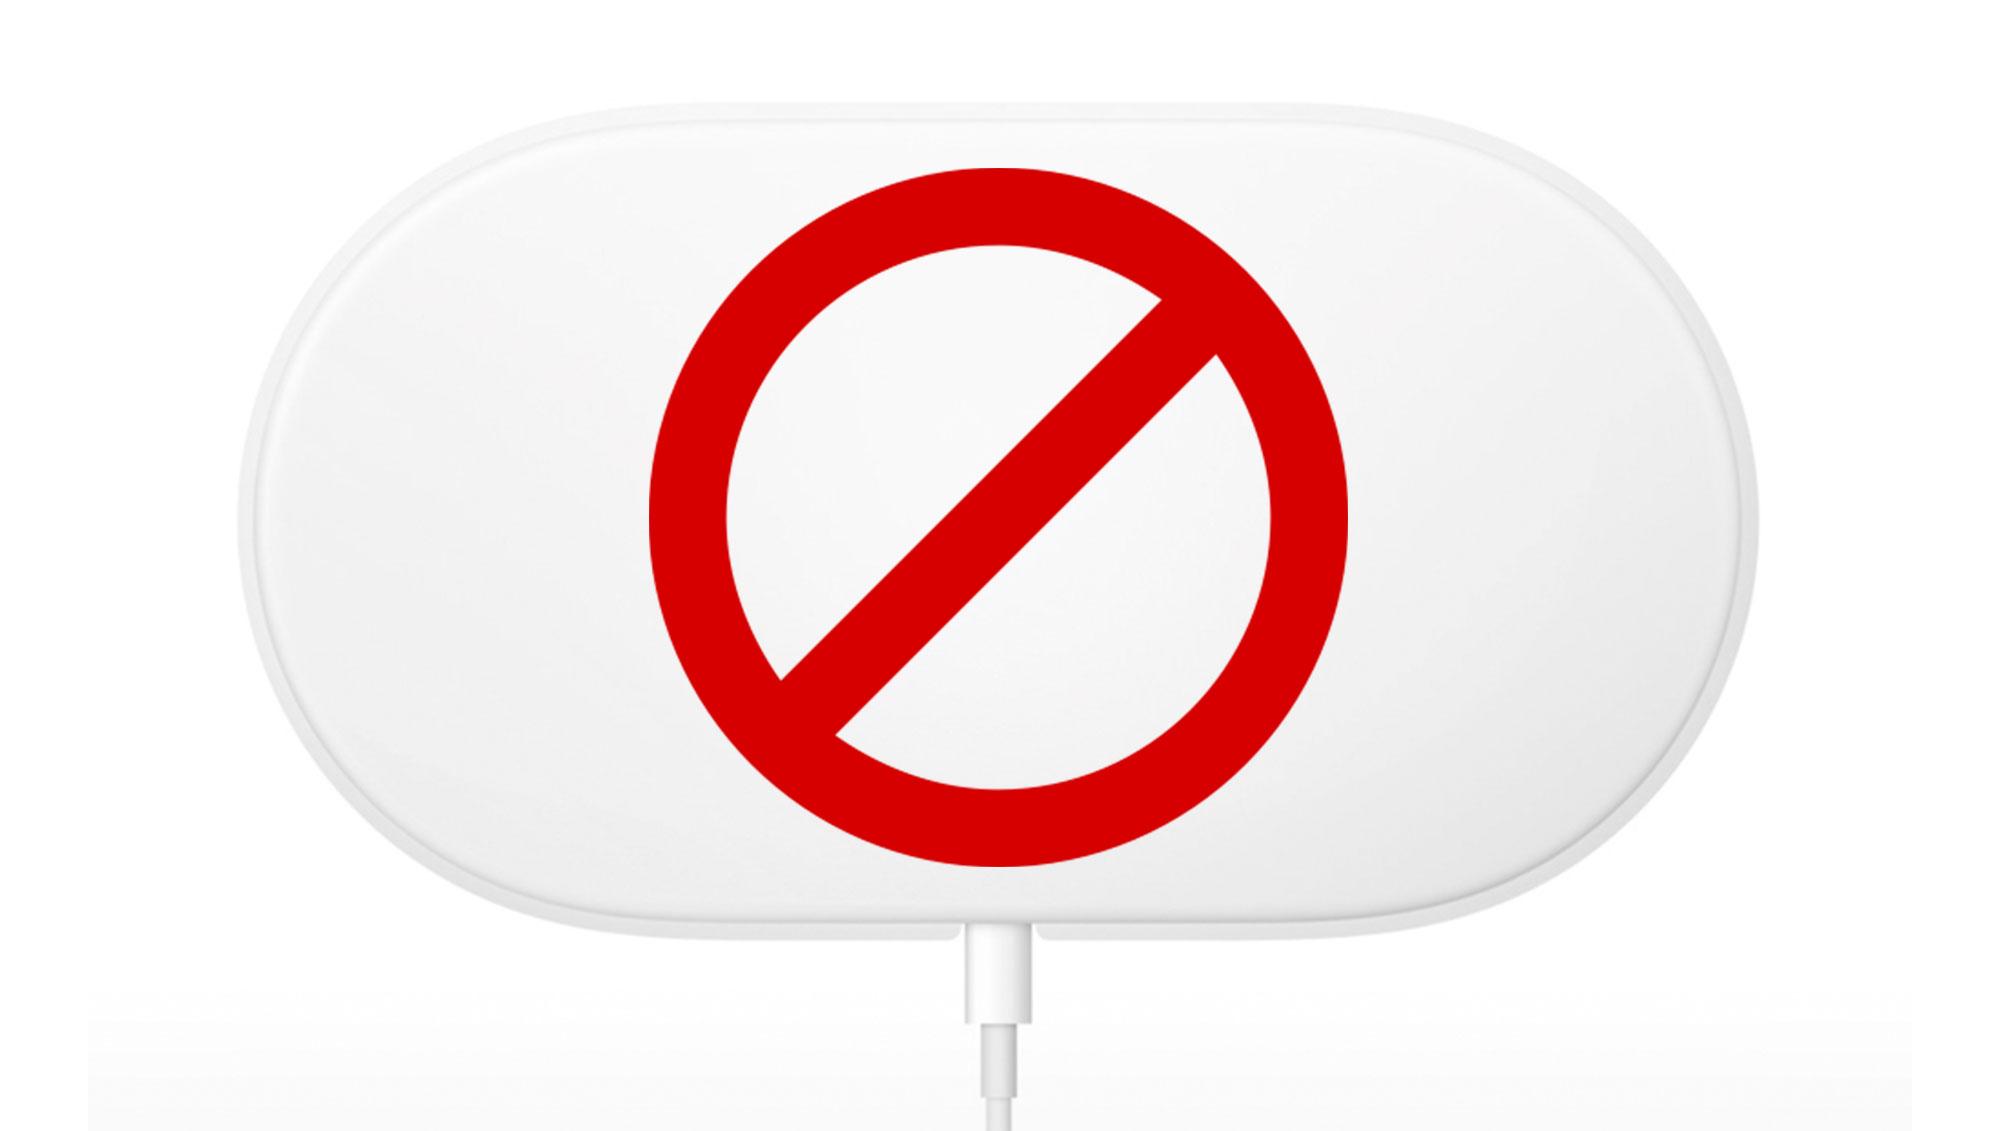 苹果宣布取消 AirPower 项目,或因其无法满足硬件标准